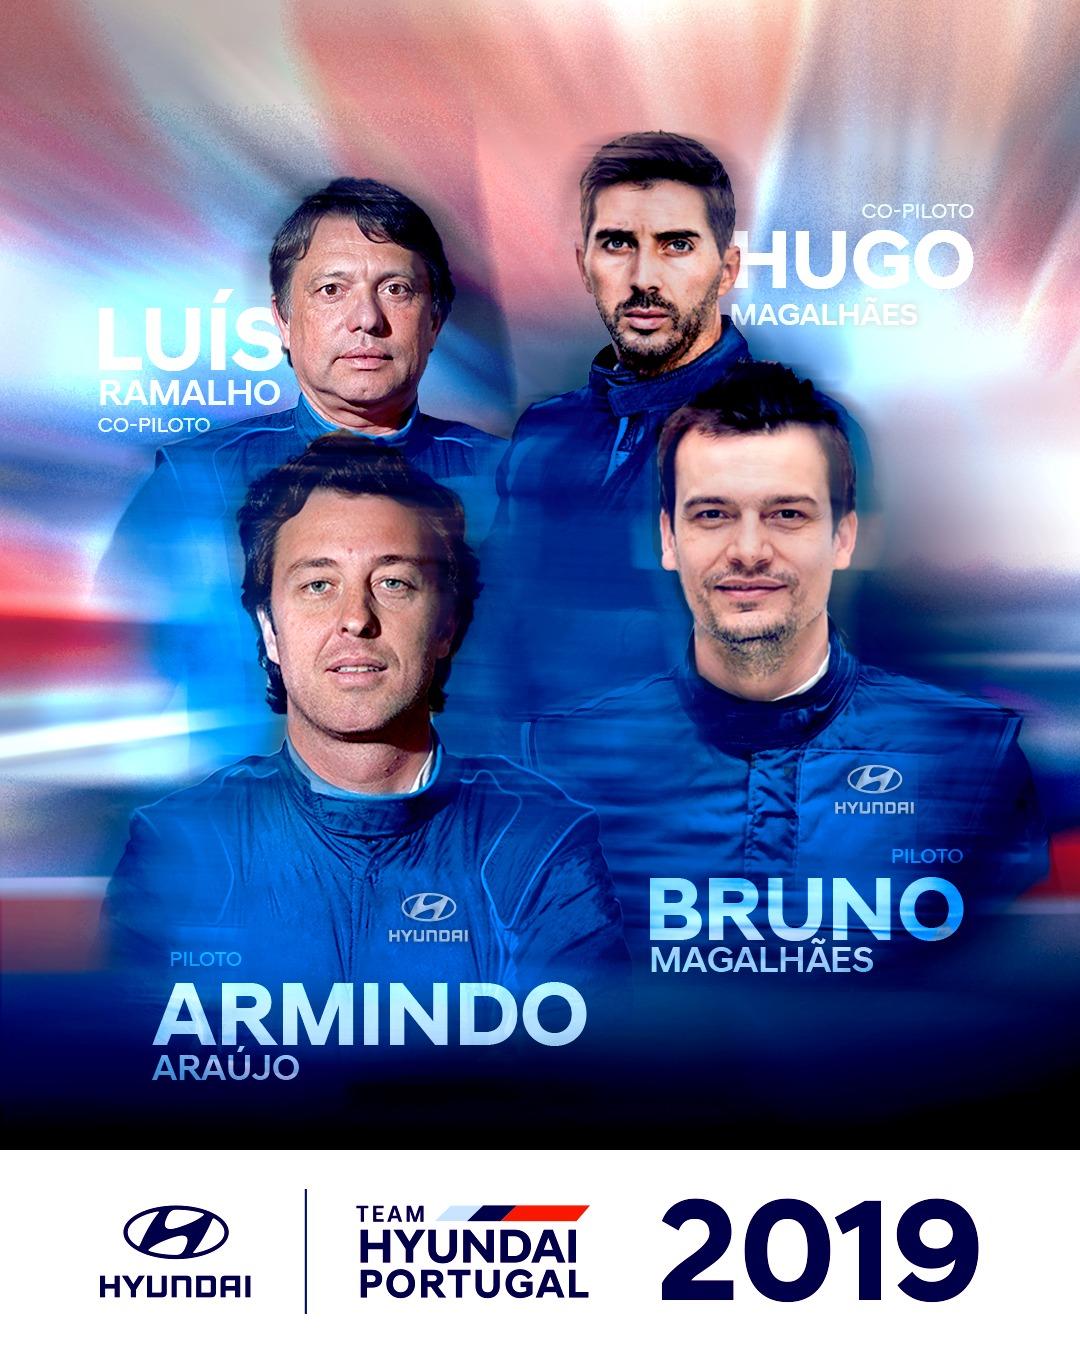 Team Hyundai Portugal com Armindo Araújo e Bruno Magalhães no CPR 2019